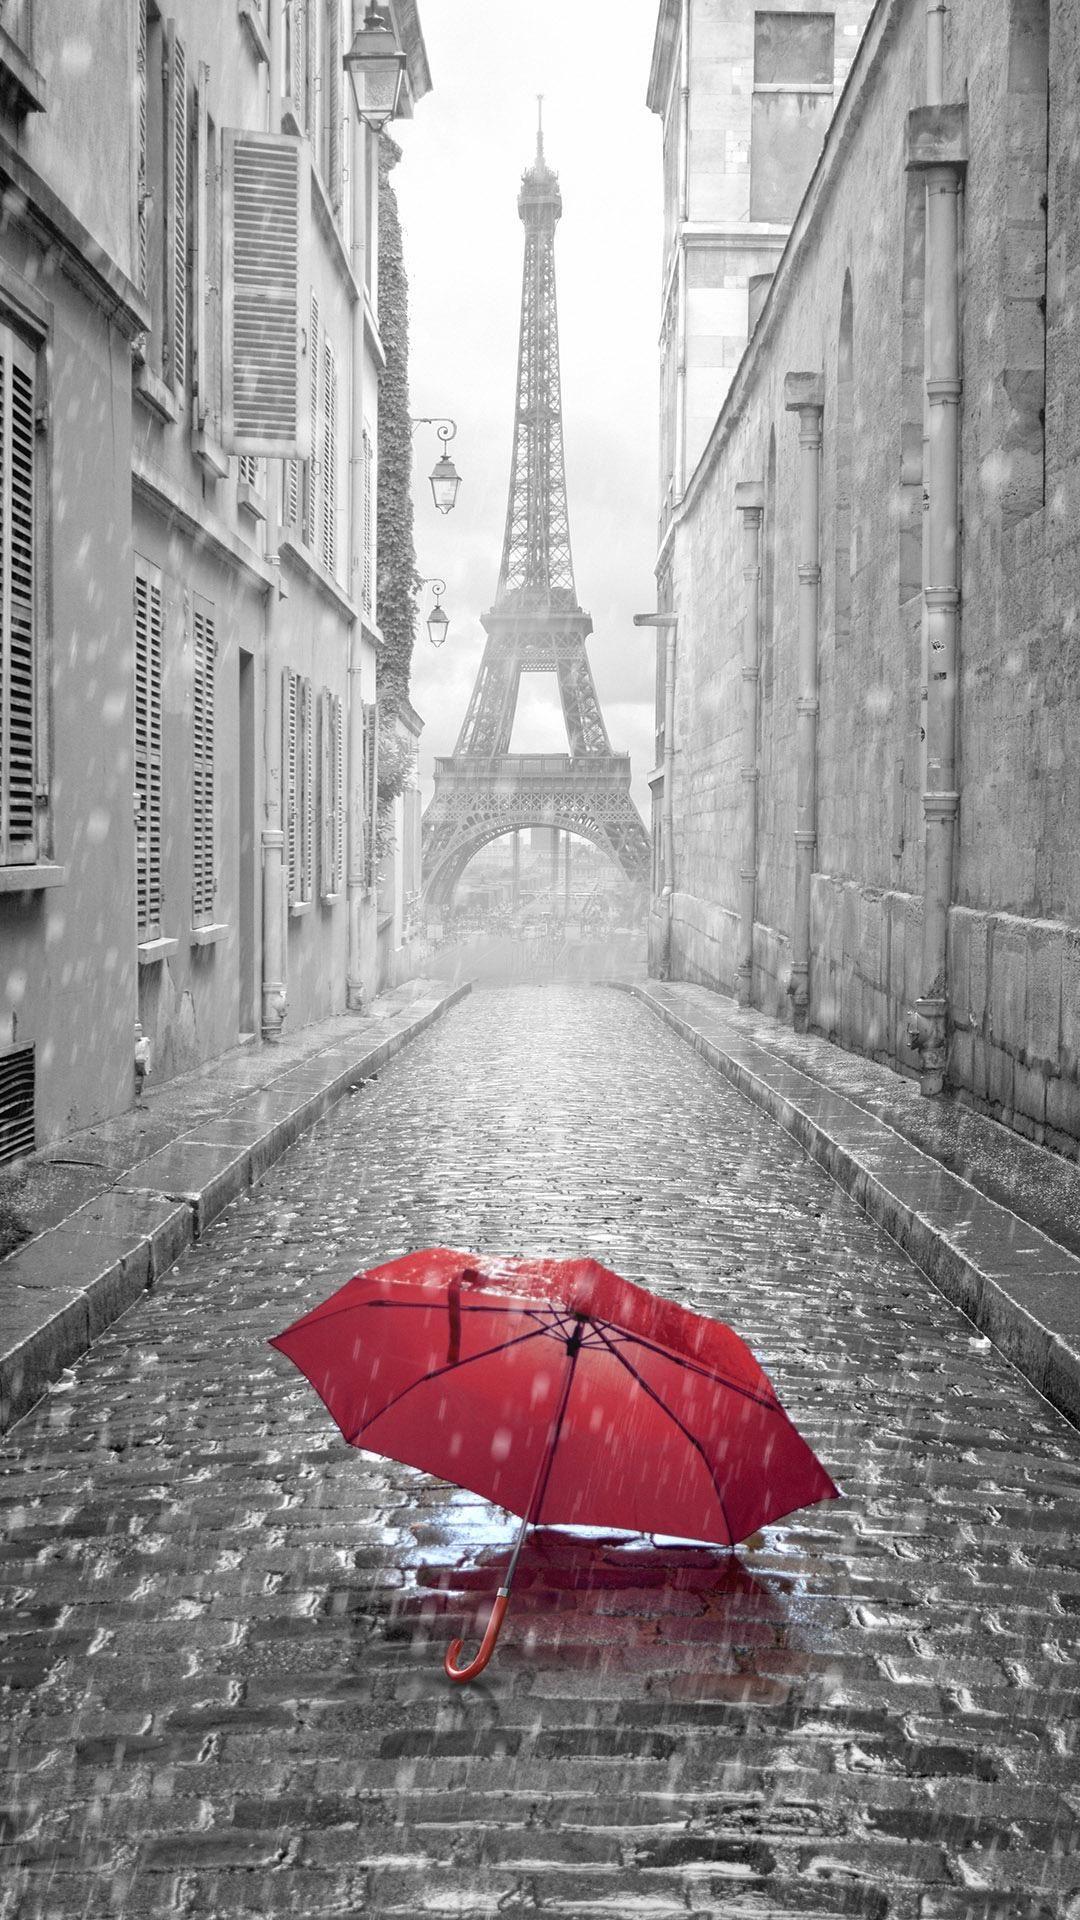 Love Black And White Photos With A Pop Of Red Fondos De Pantalla Paris Fotografia Paisaje Fondos De Pantalla